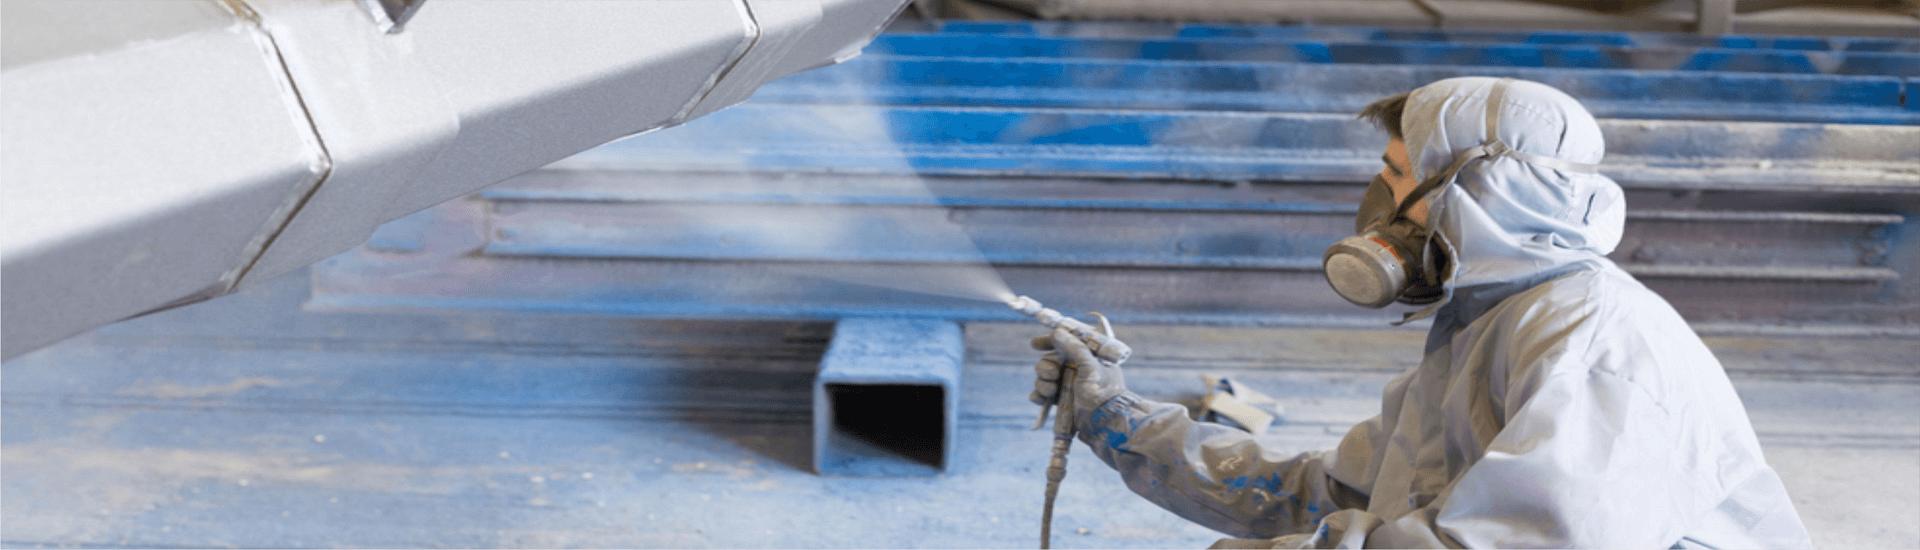 pintura industrial em contagem